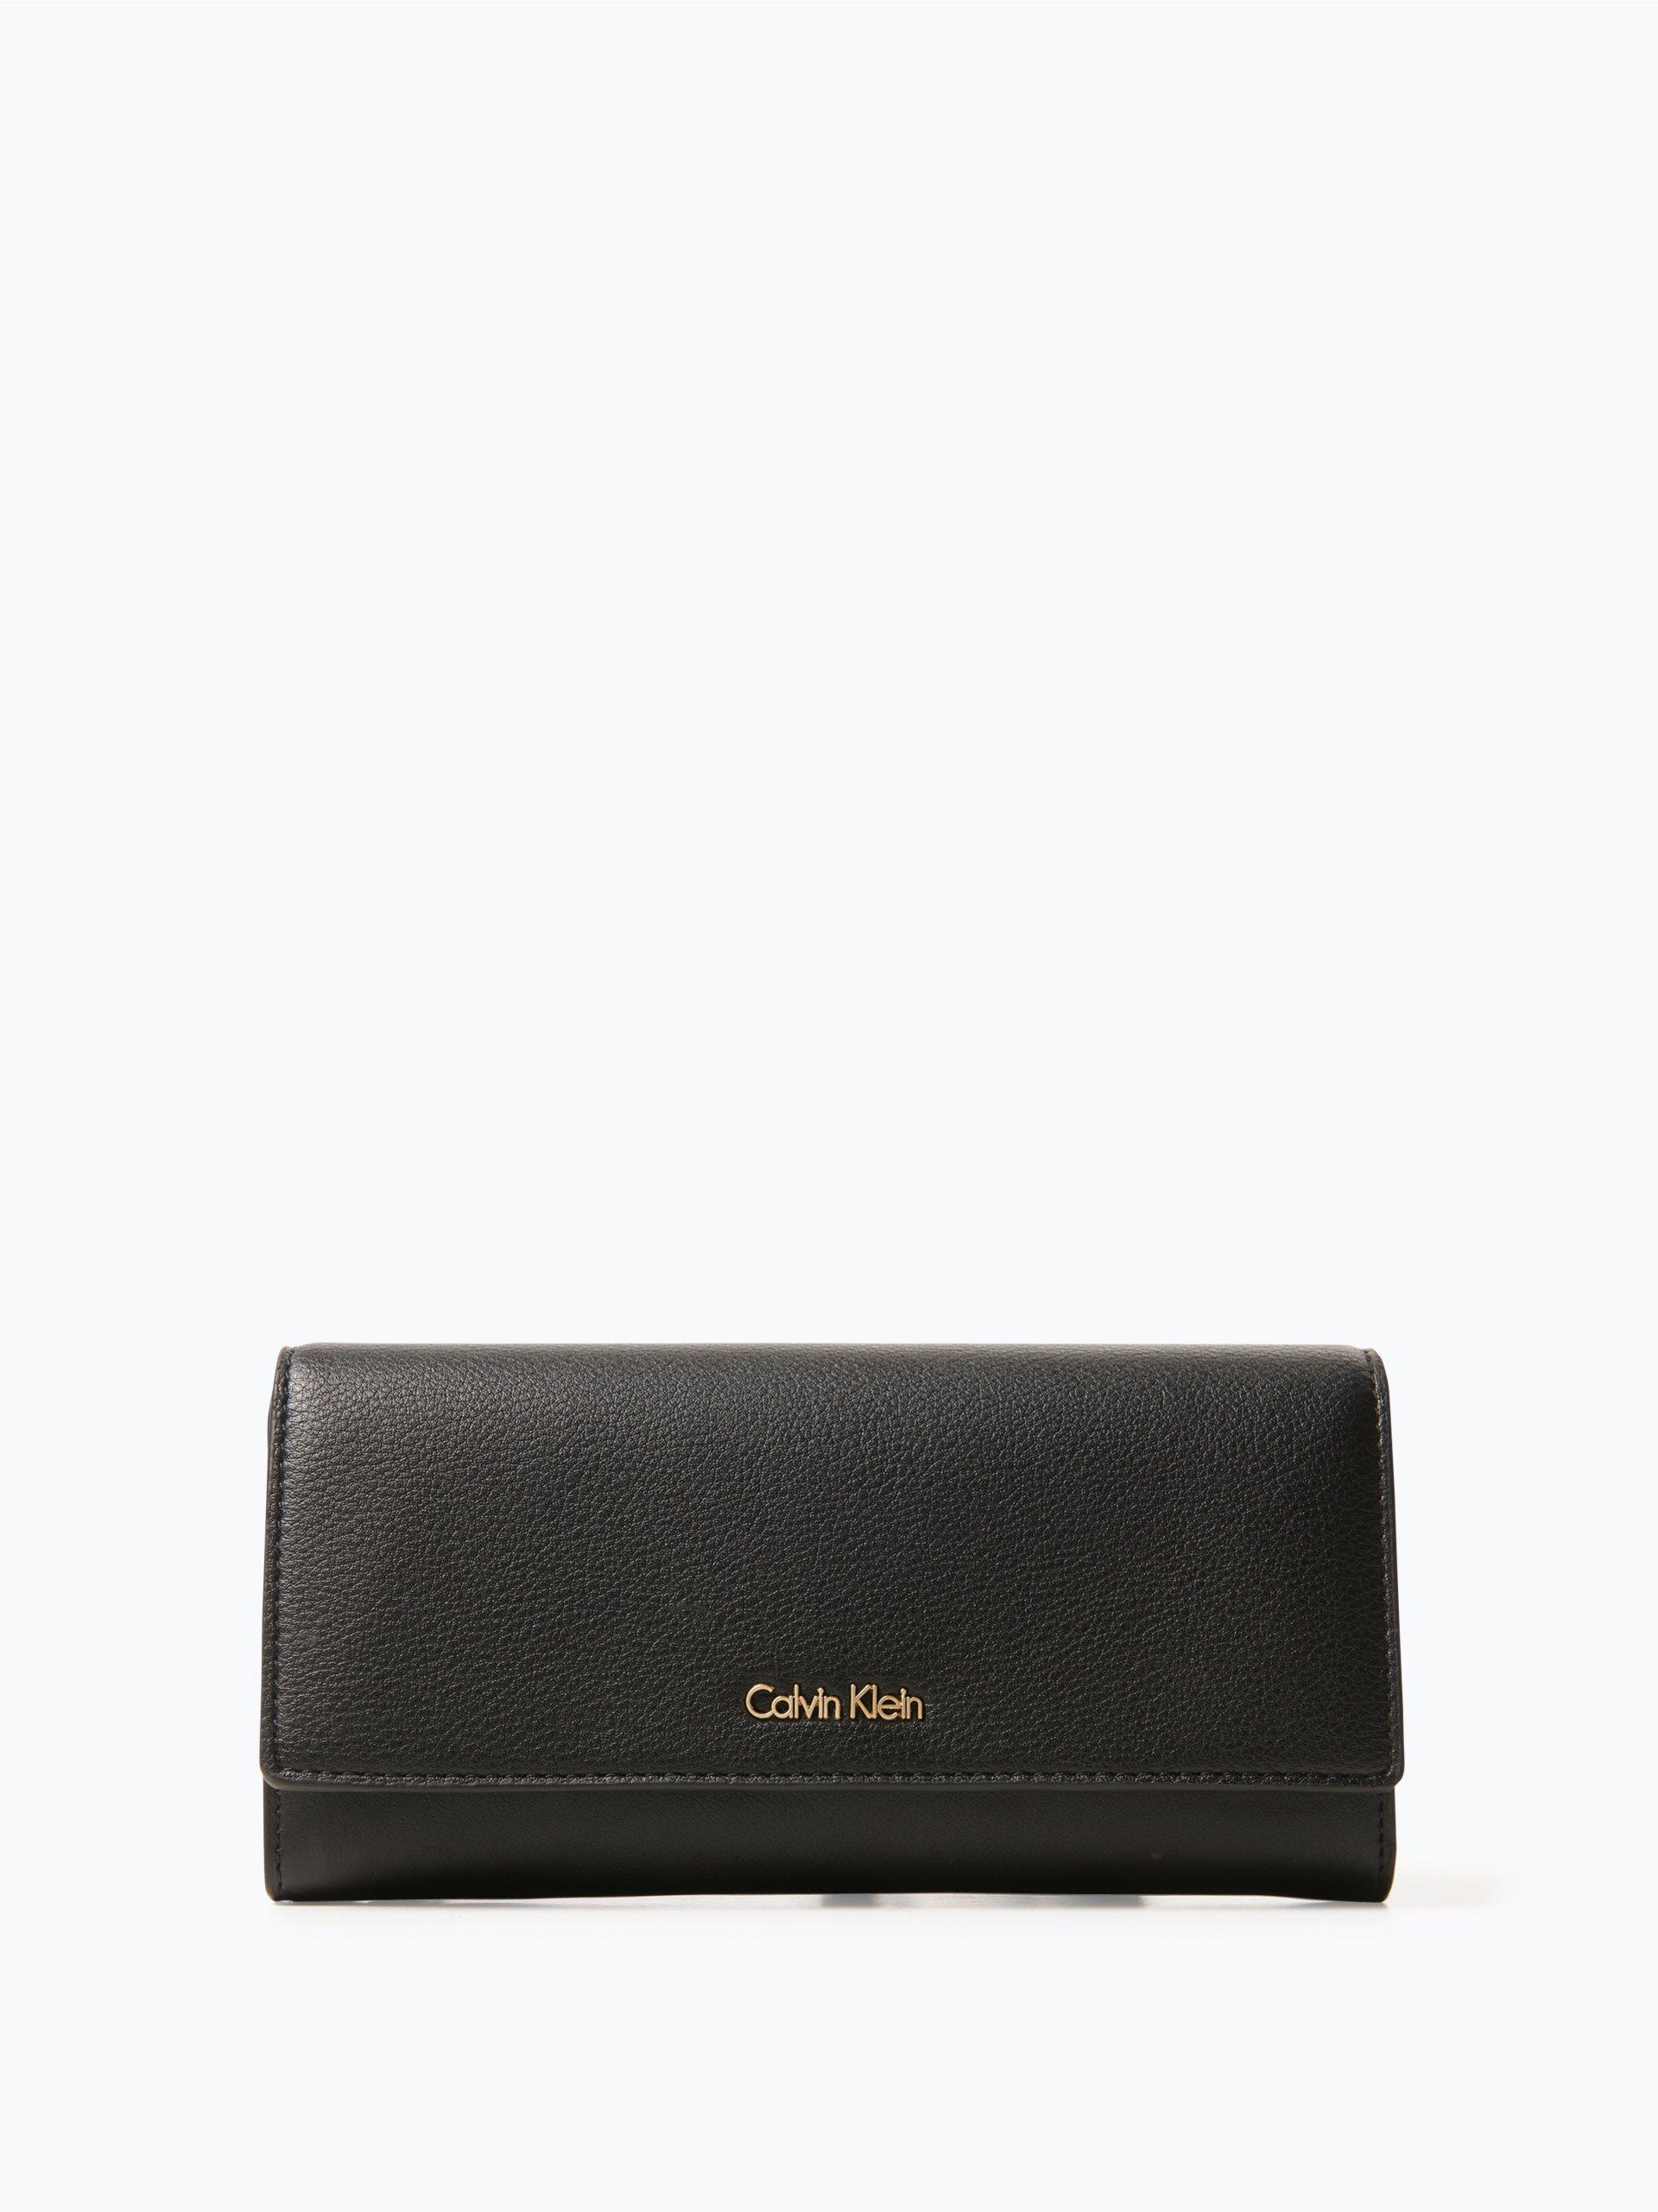 Calvin Klein Damen Geldbörse in Leder-Optik - Milli3